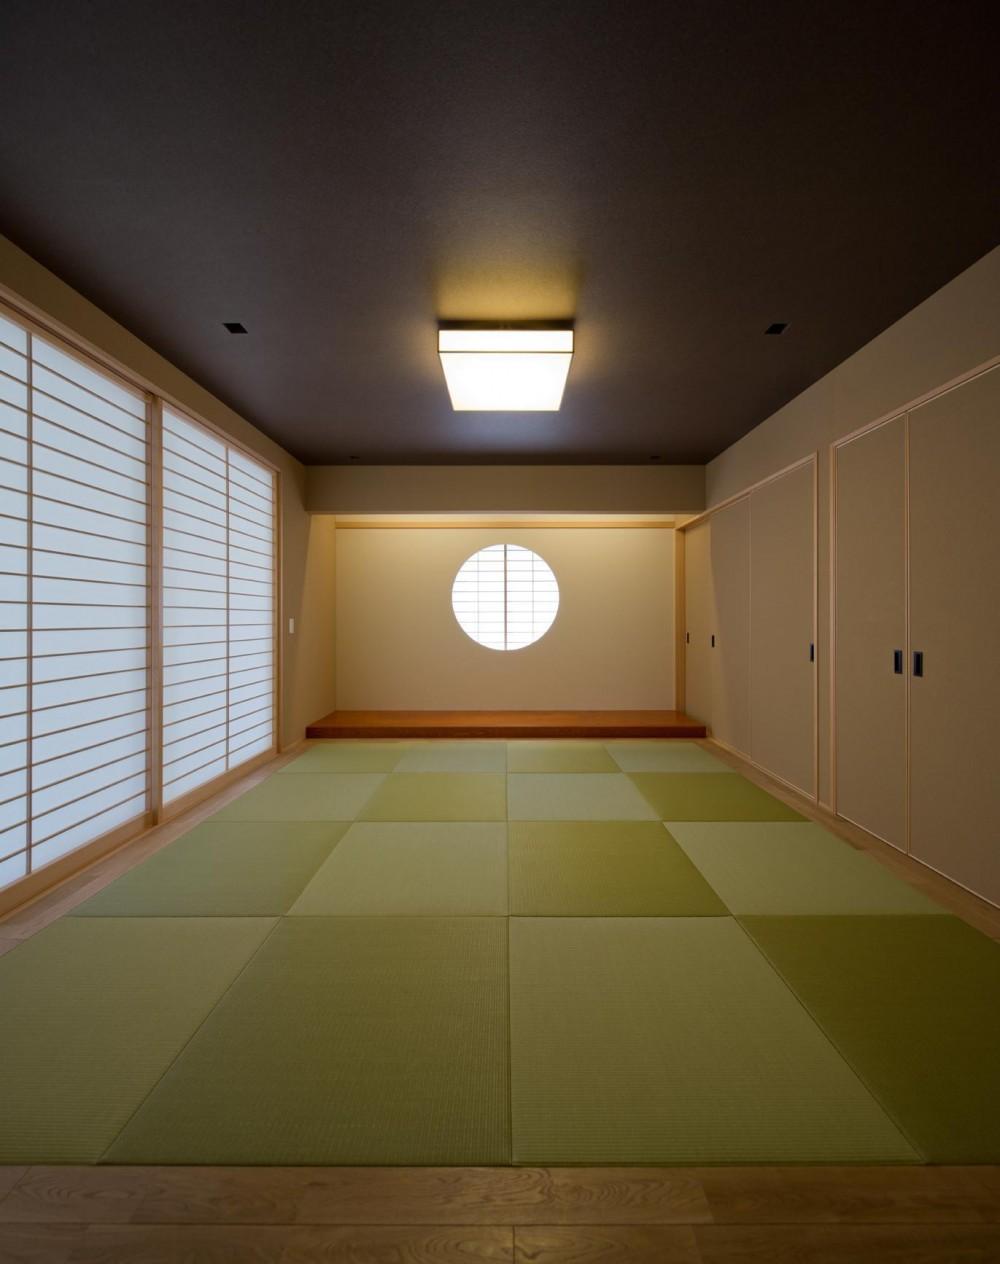 佐藤正彦「K5-house「スローライフの家」」